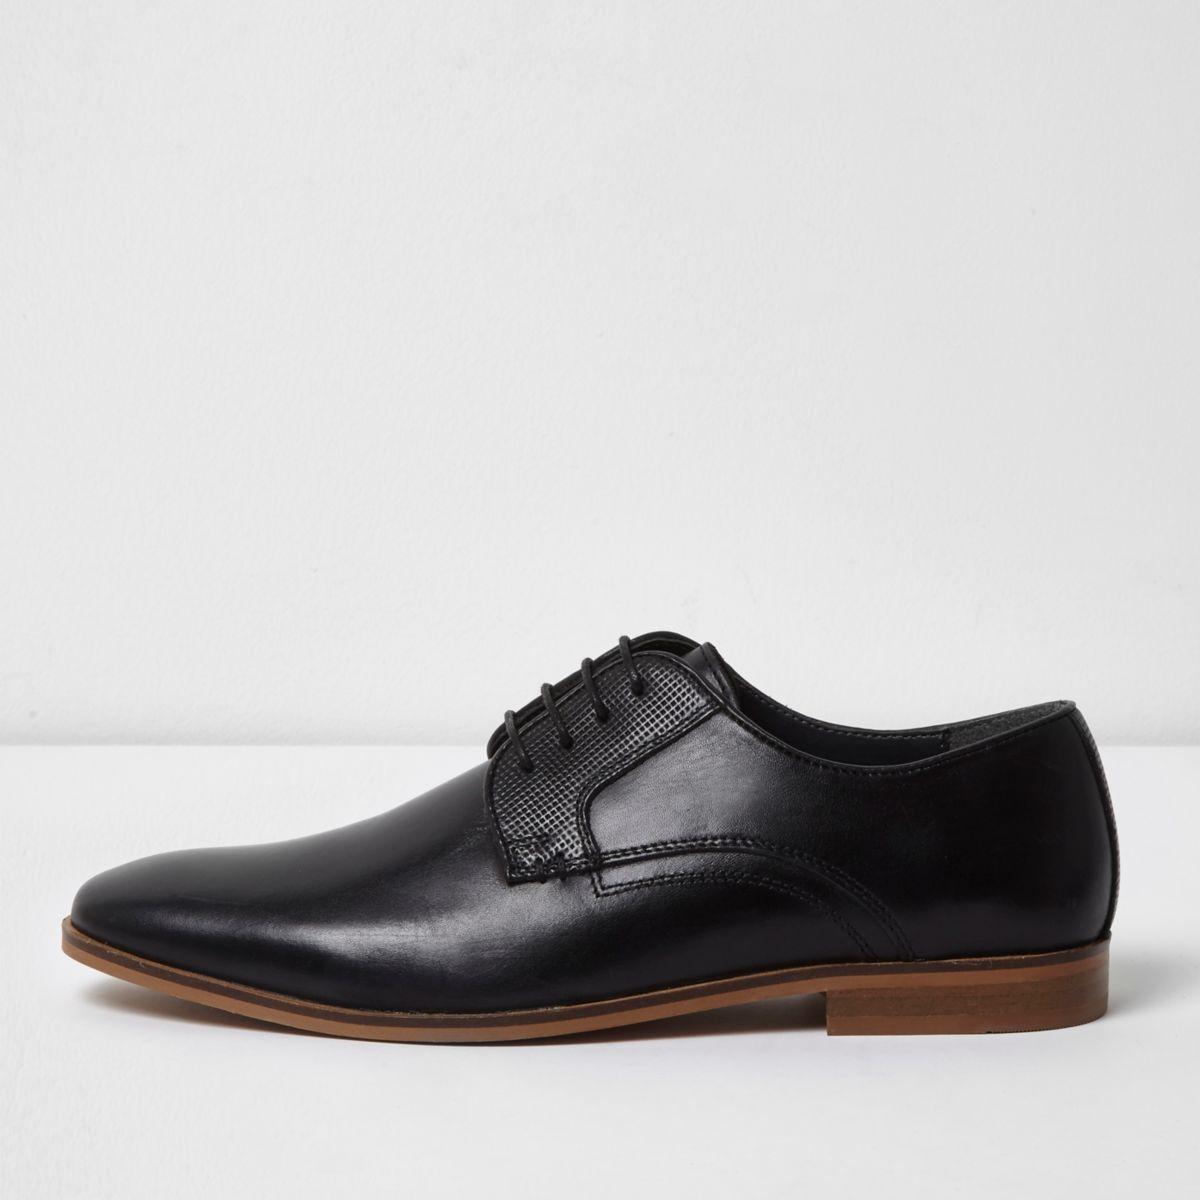 Chaussures habillées en cuir noires à lacets